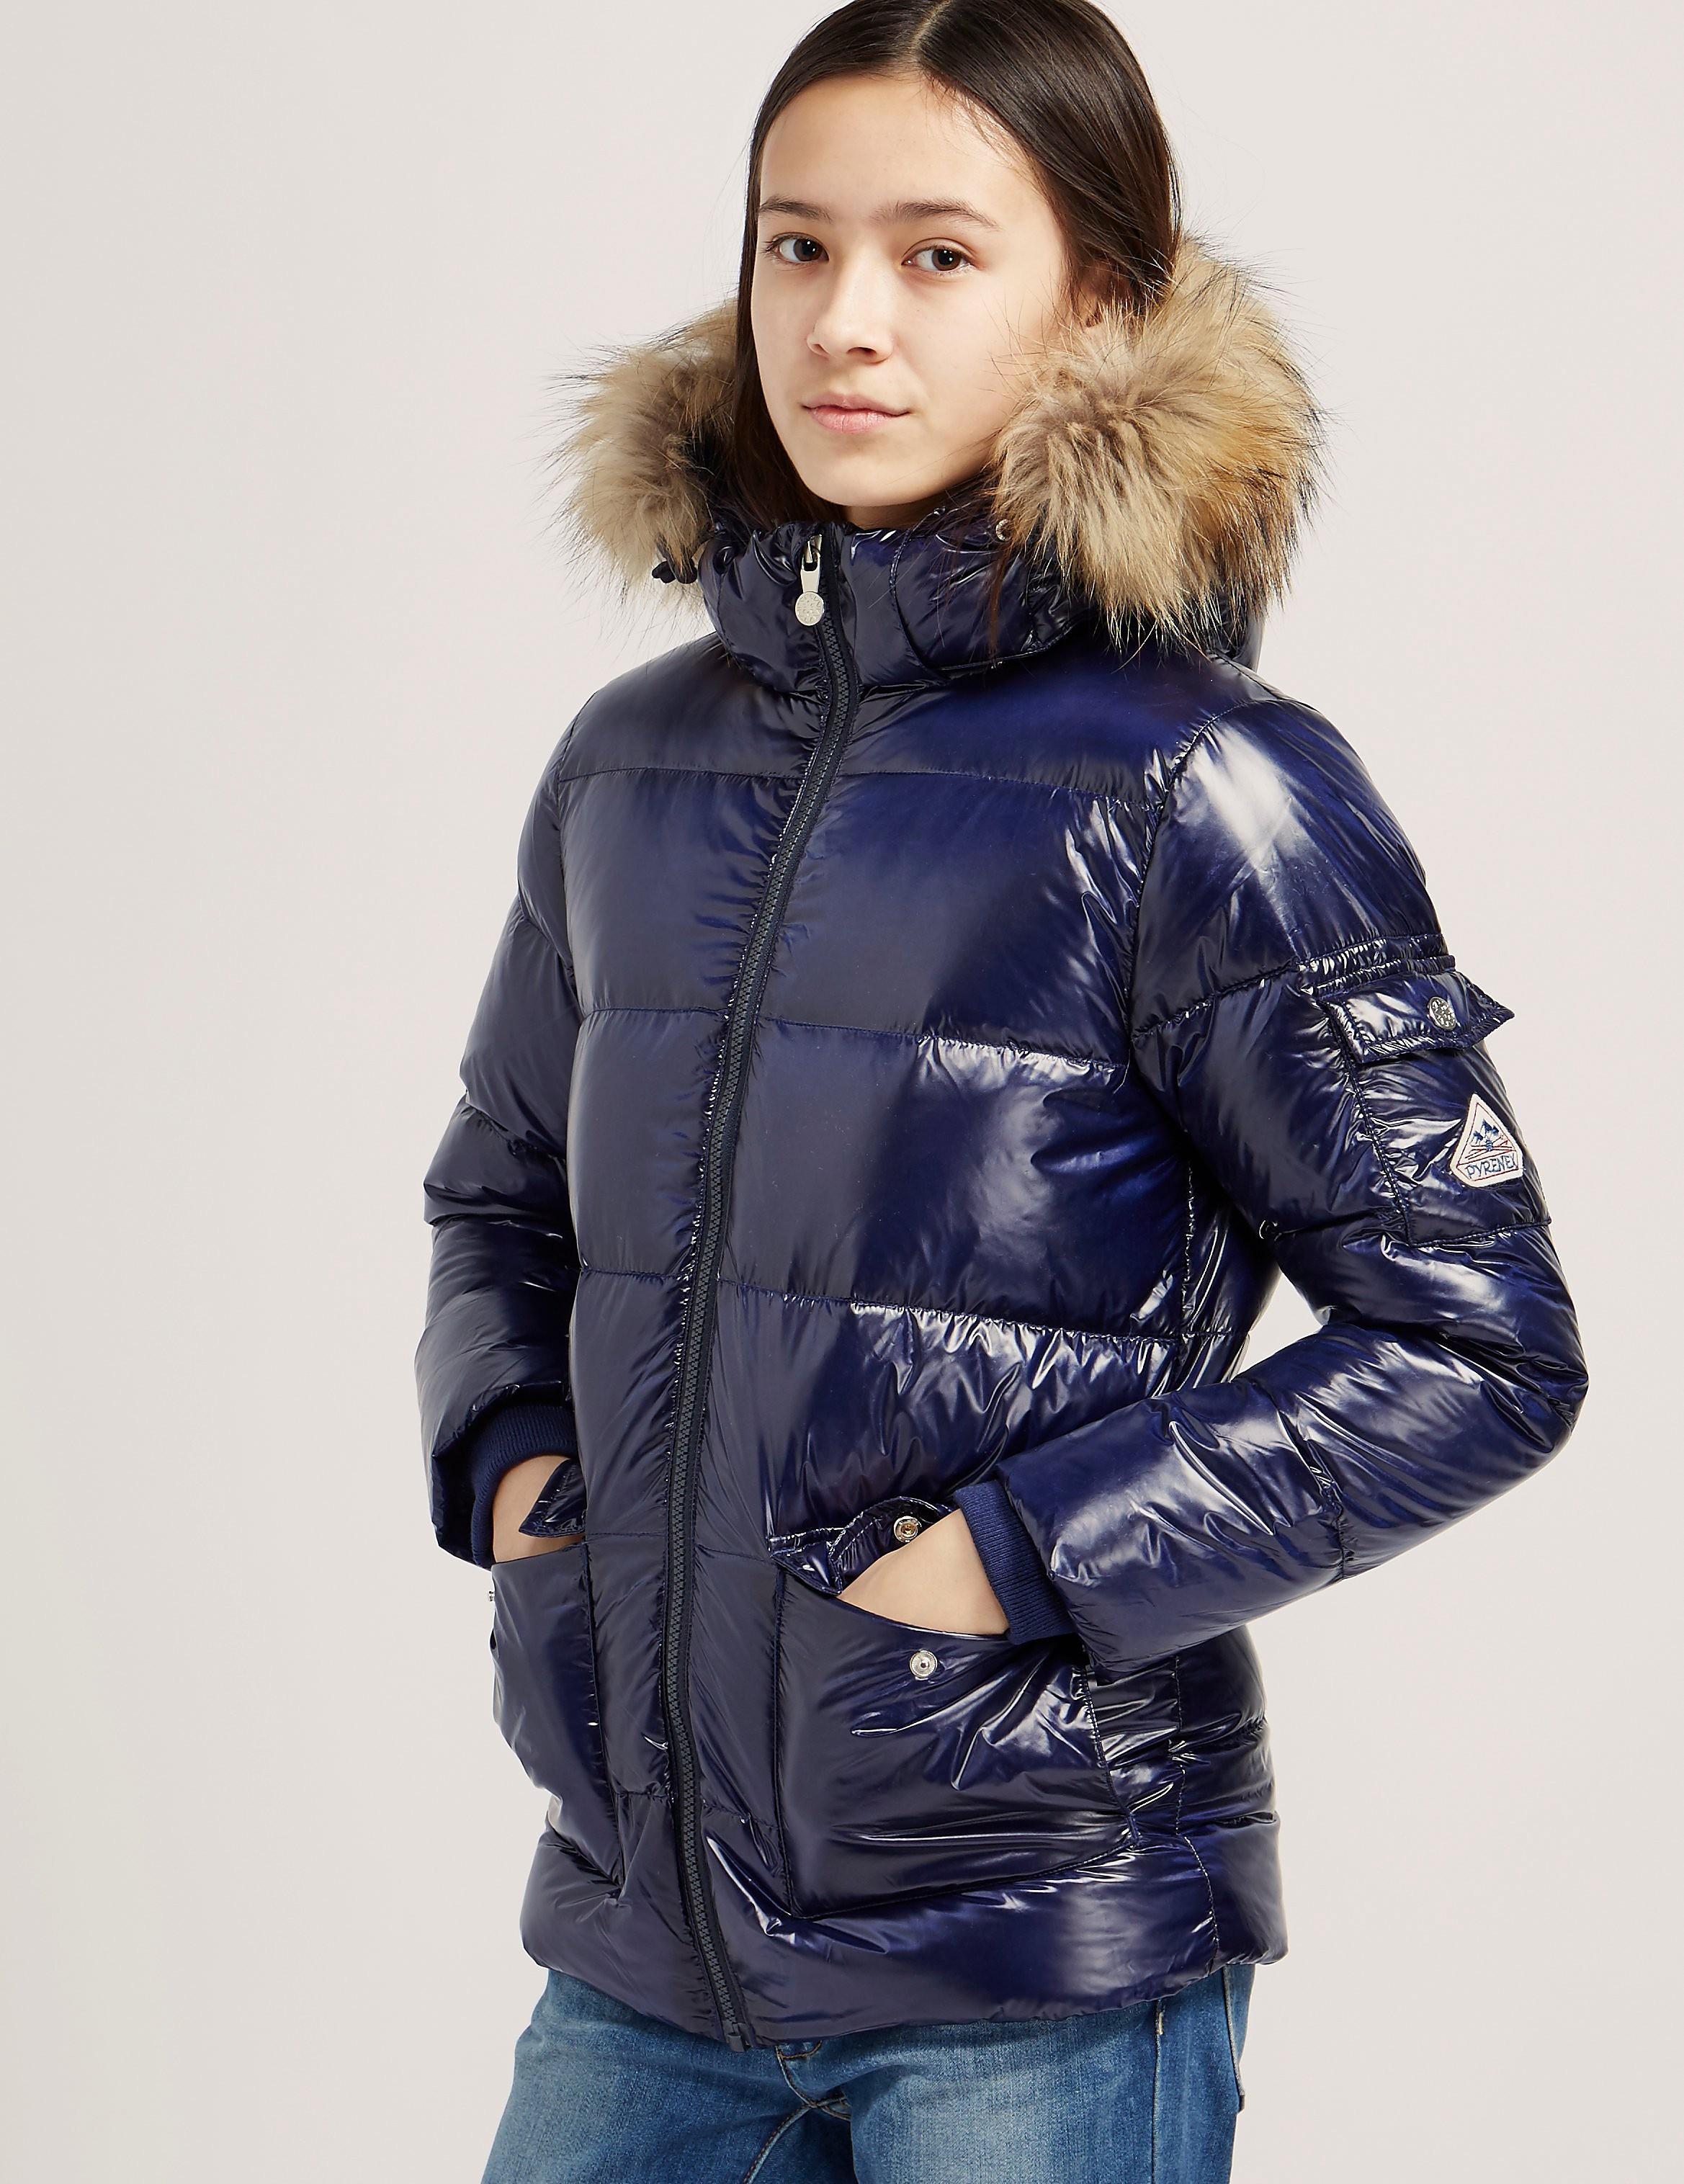 Pyrenex Shiny Jacket